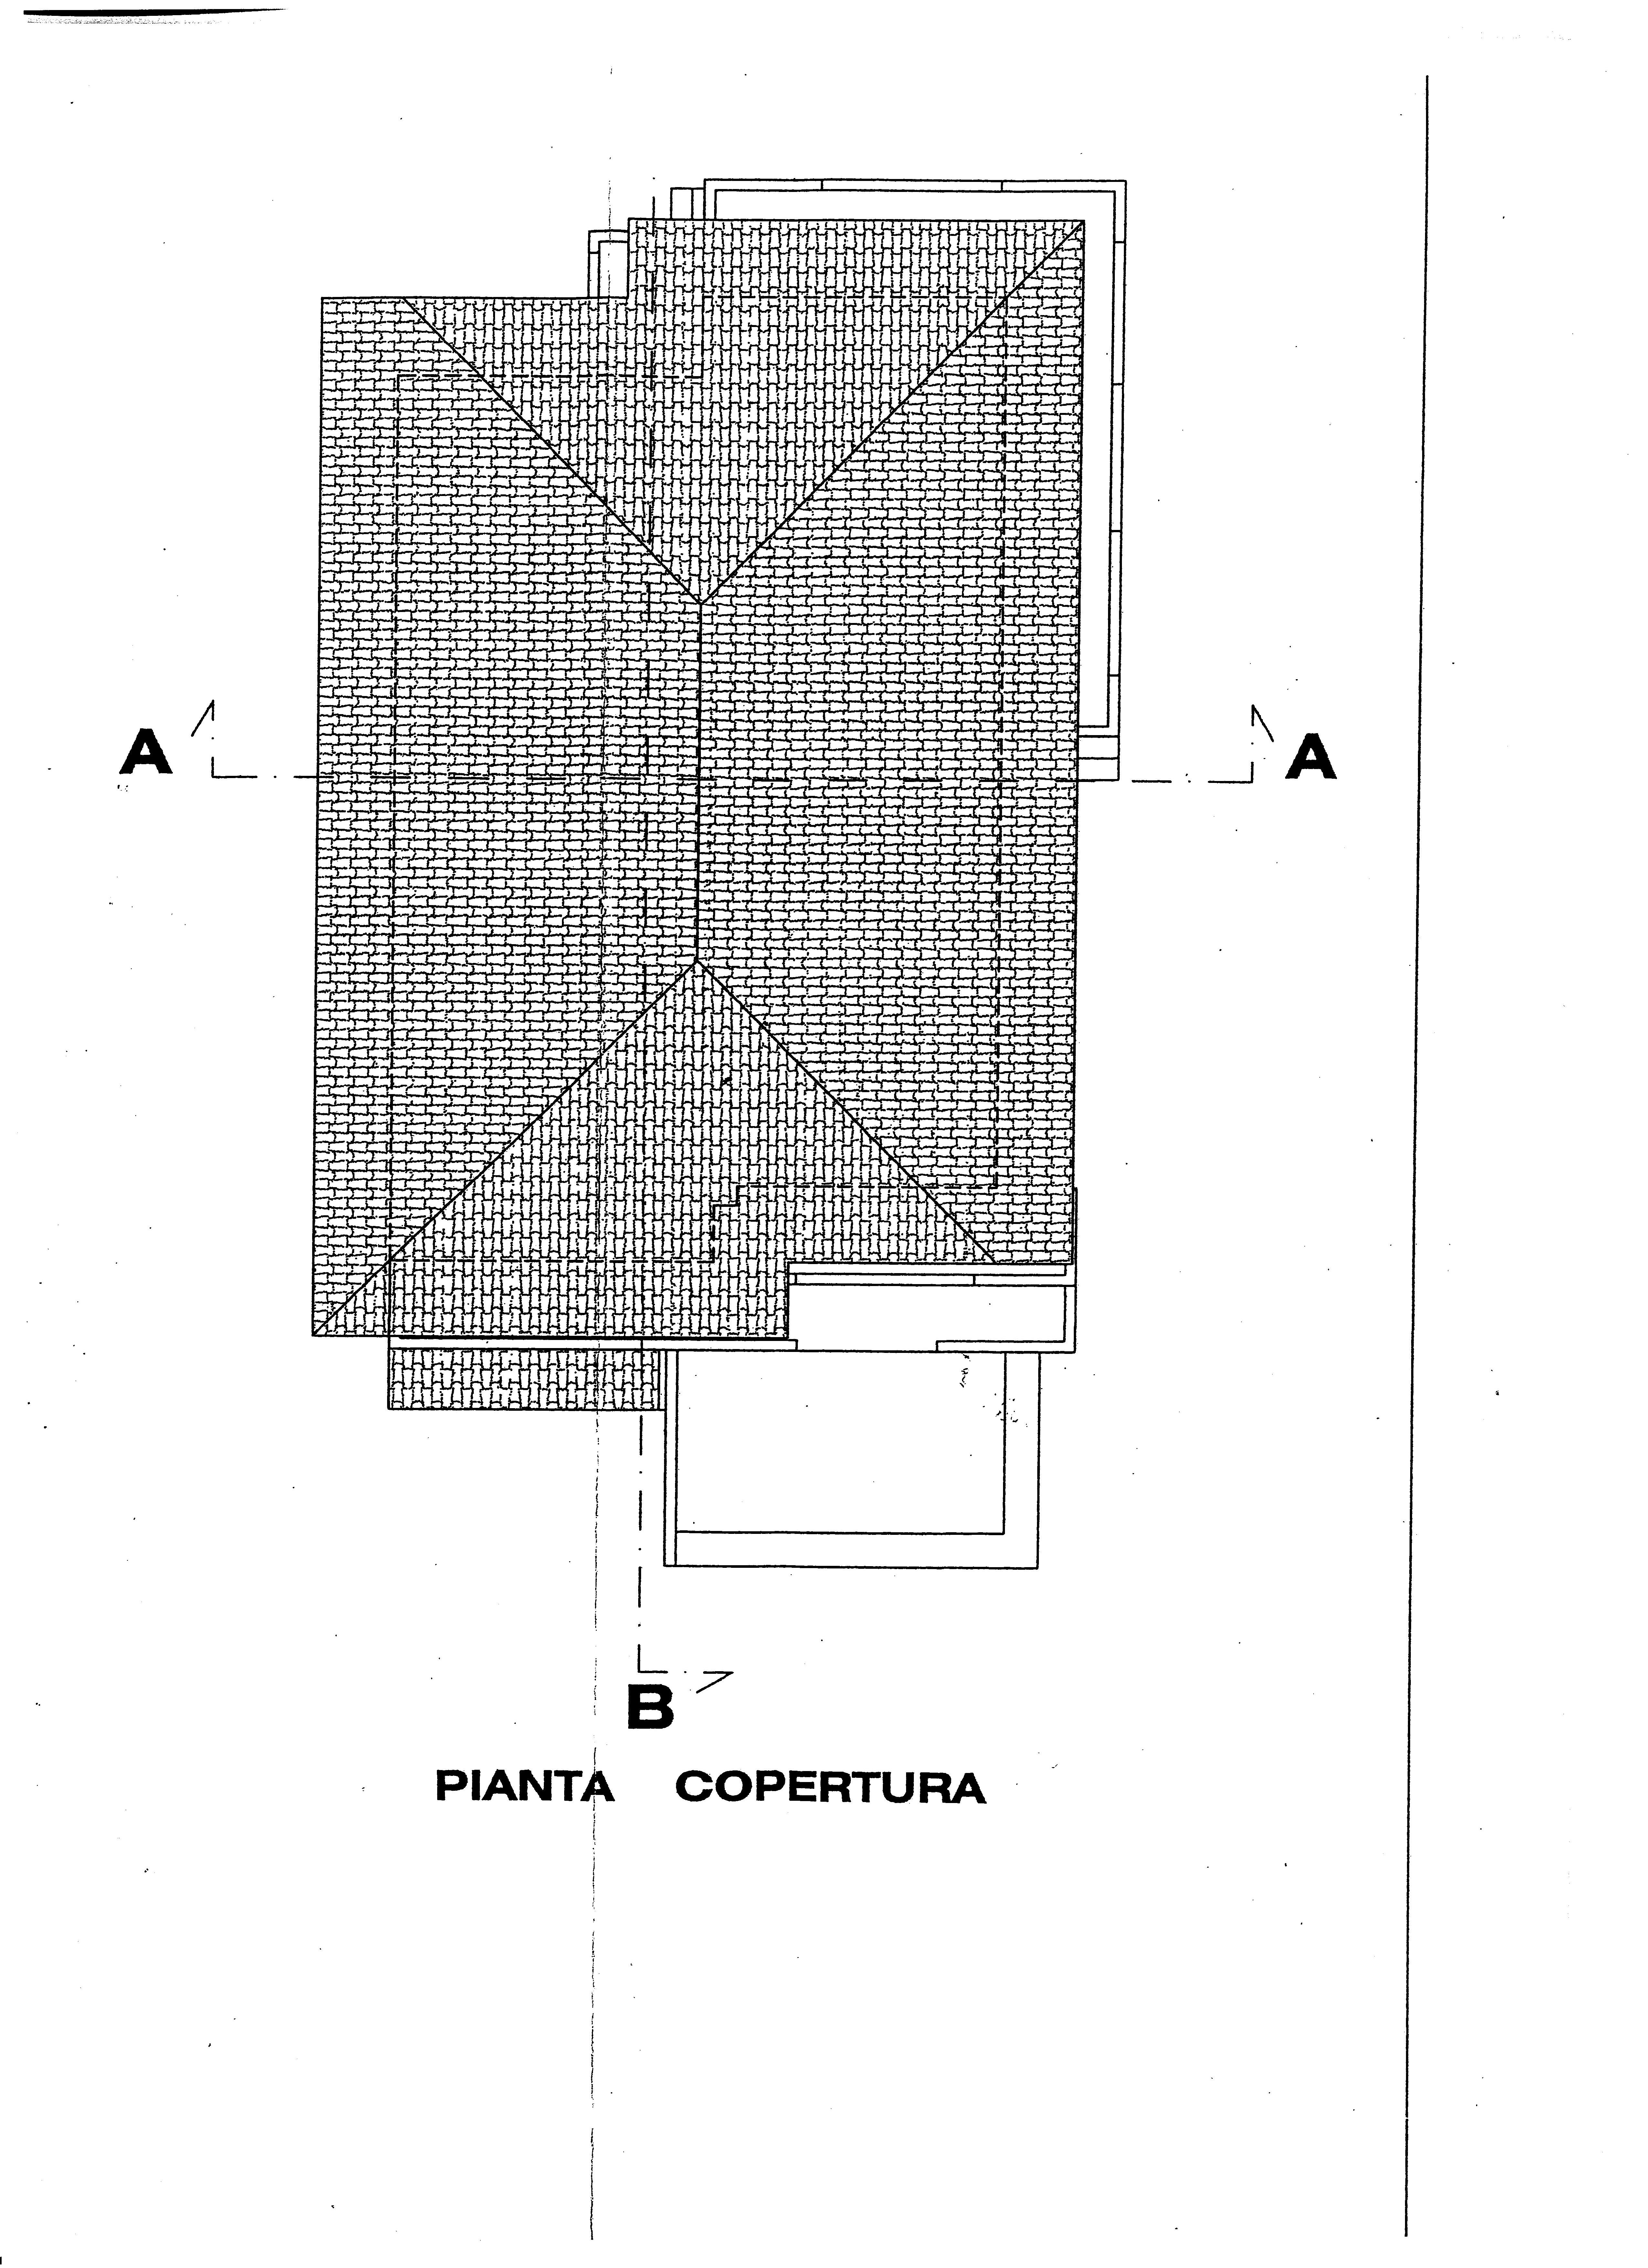 Villa singola in vendita, rif. 388 (Planimetria 5/6)